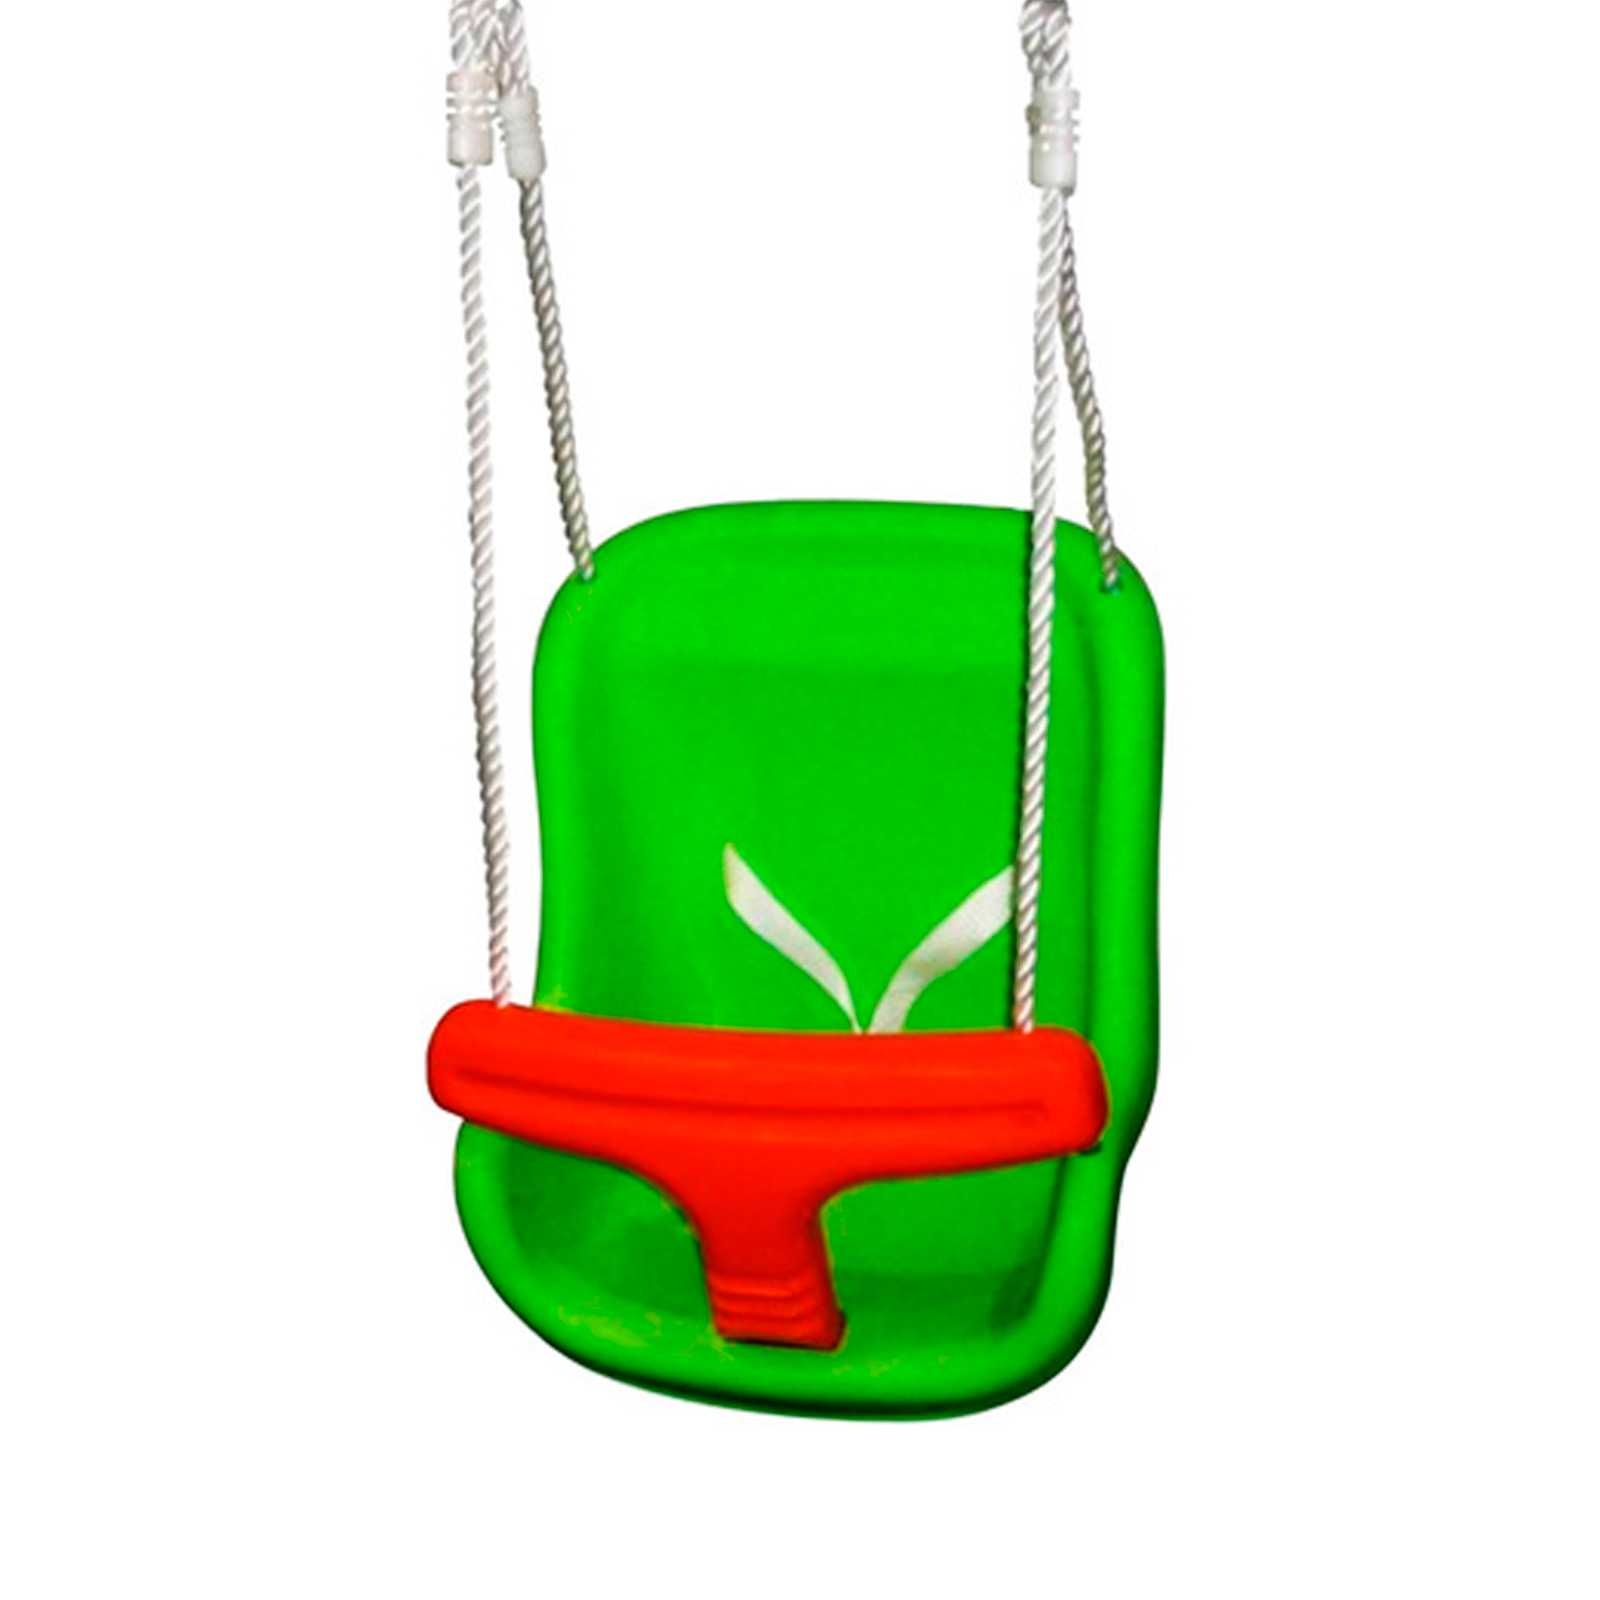 Comoda e pratica seduta per altalena 1,1 kg completa di funi